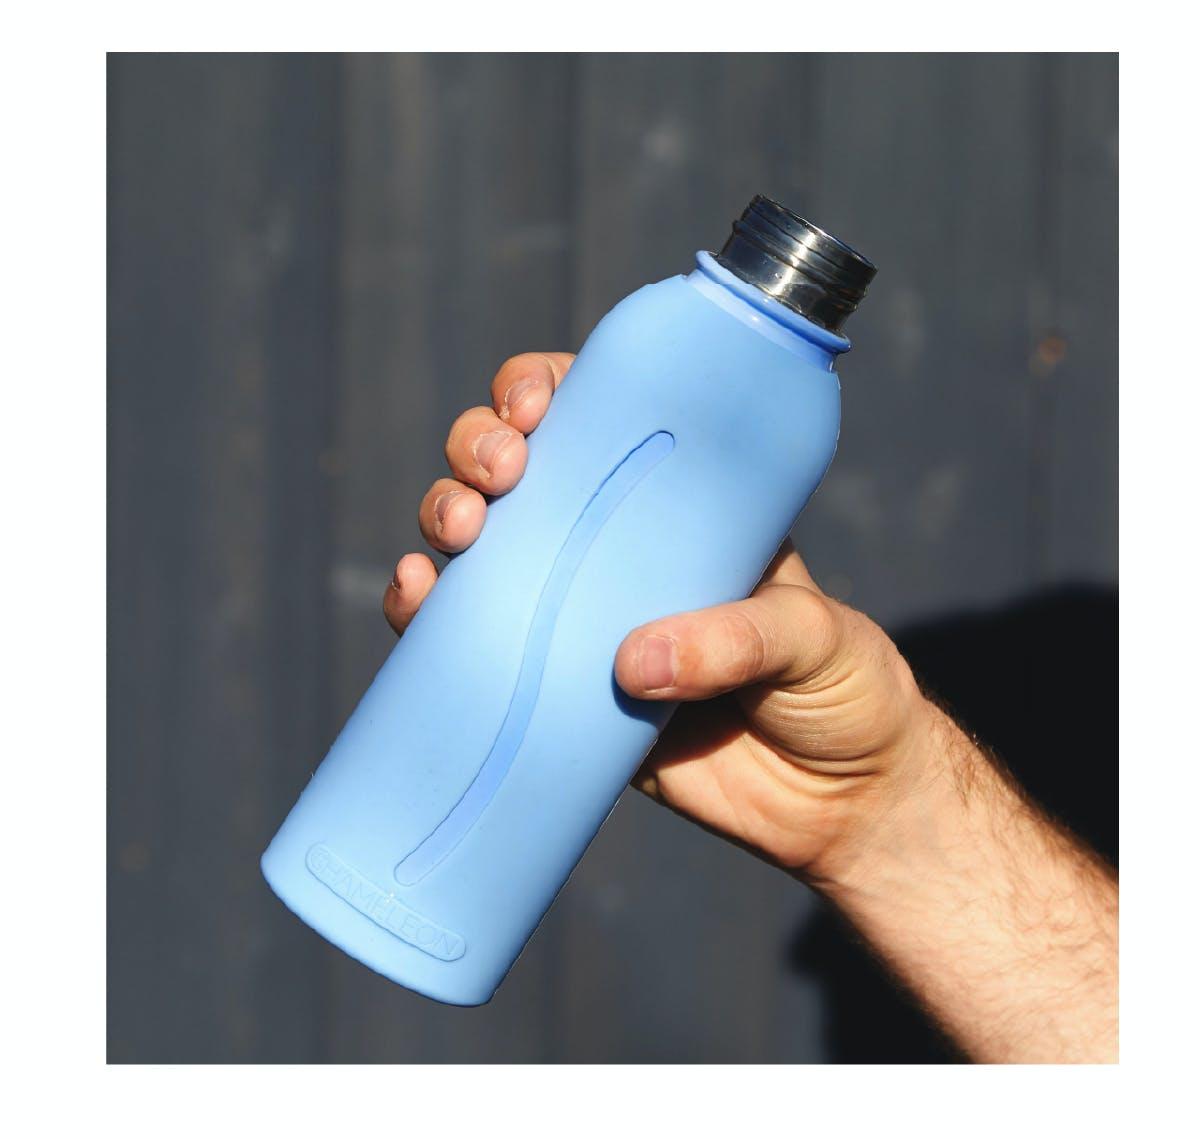 カメレオンボトルは高級ステンレス鋼(SUS304)を使用だからいつでも清潔